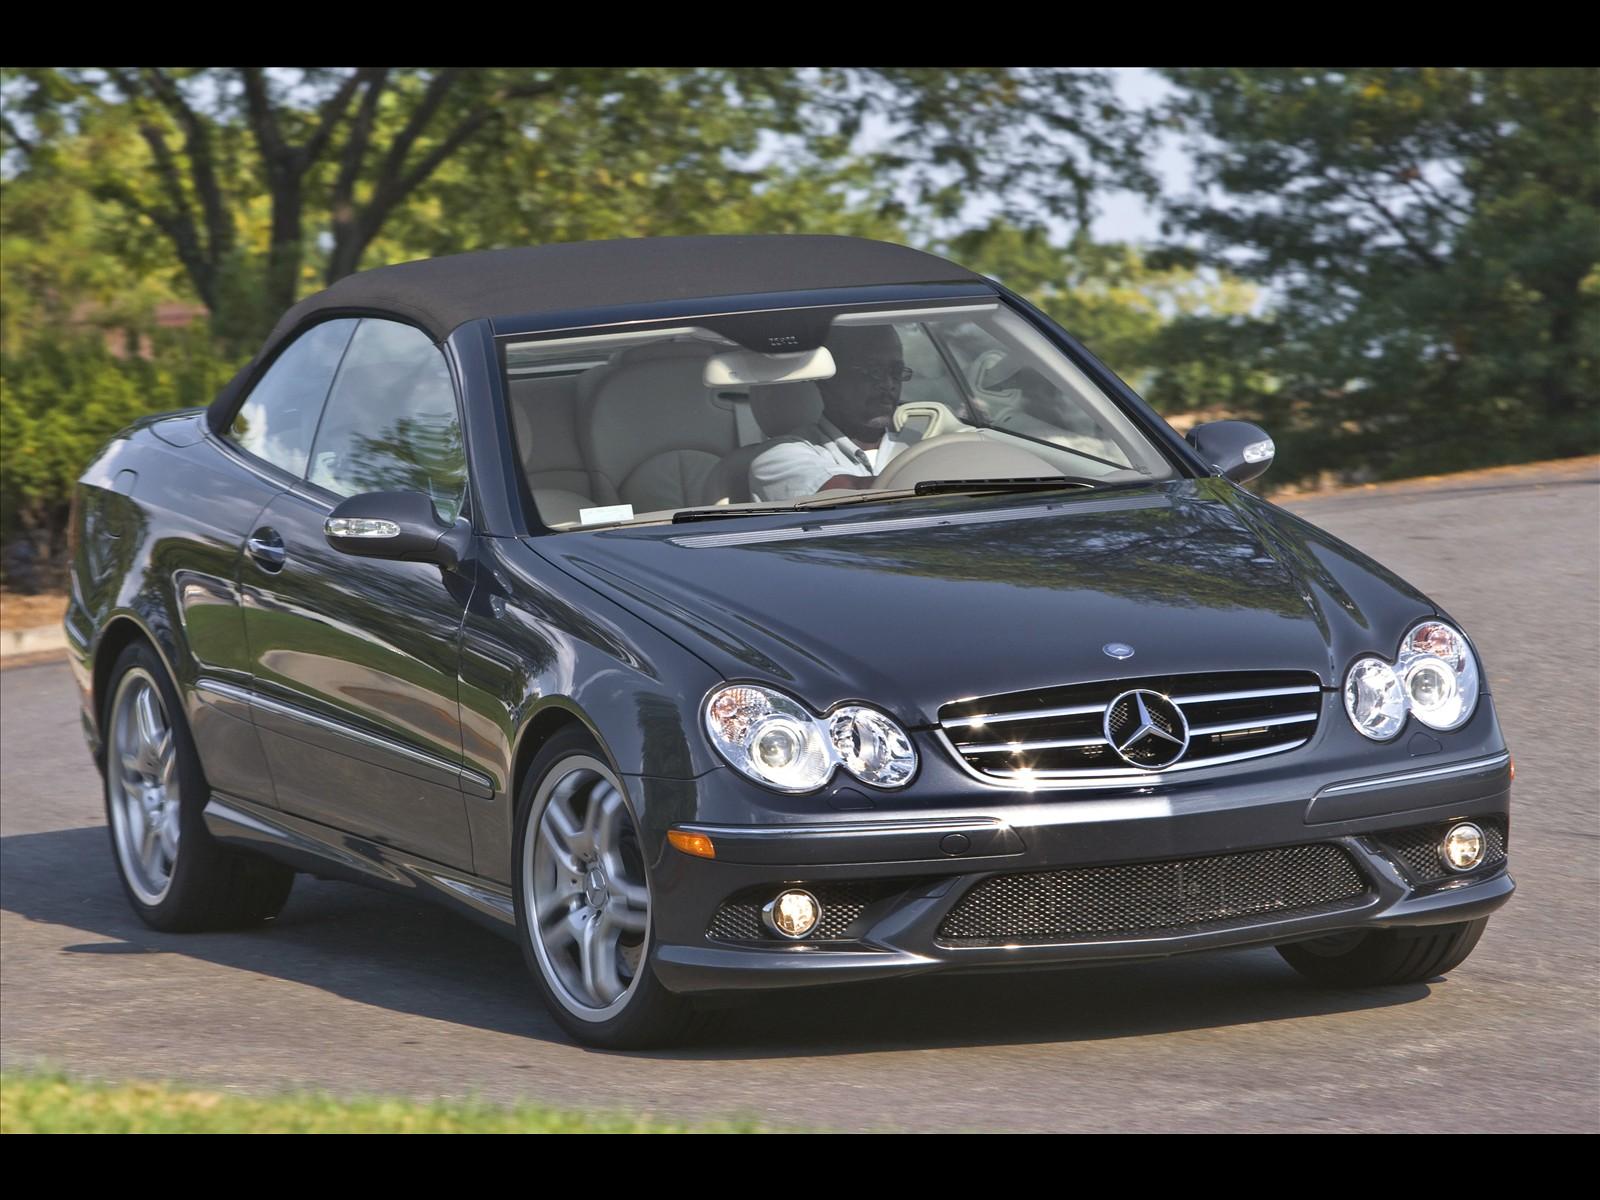 Mercedes Benz CLK550 Cabriolet 2009 01